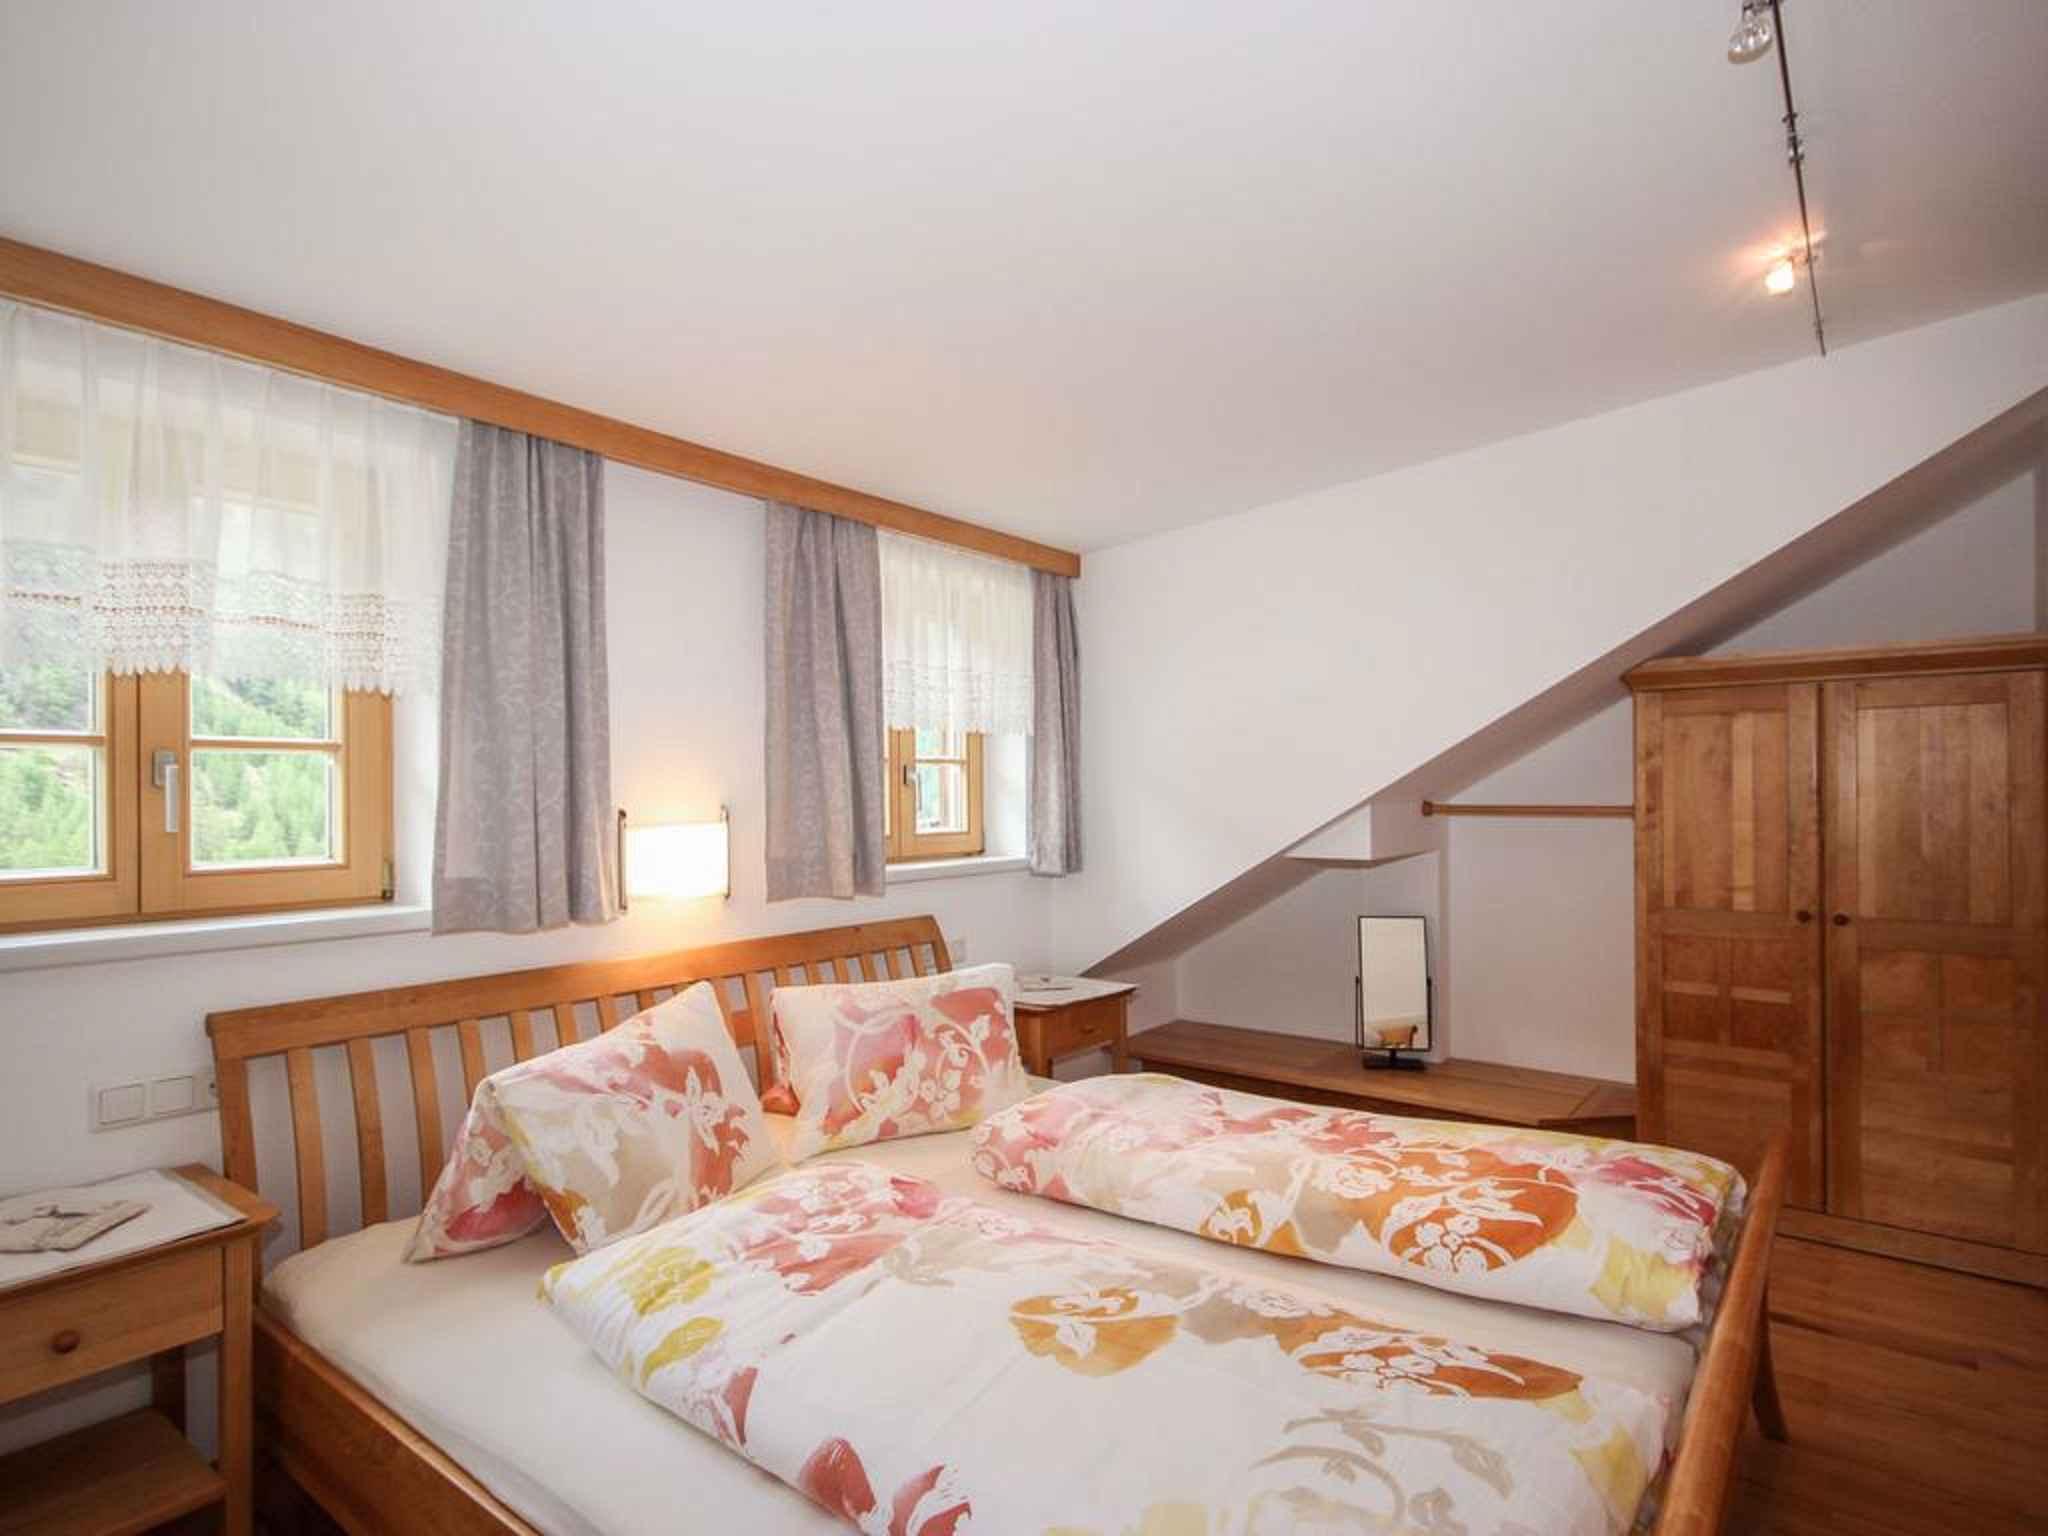 Ferienwohnung in einem über 300 Jahre alten Holzhaus (283707), Sölden (AT), Ötztal, Tirol, Österreich, Bild 19